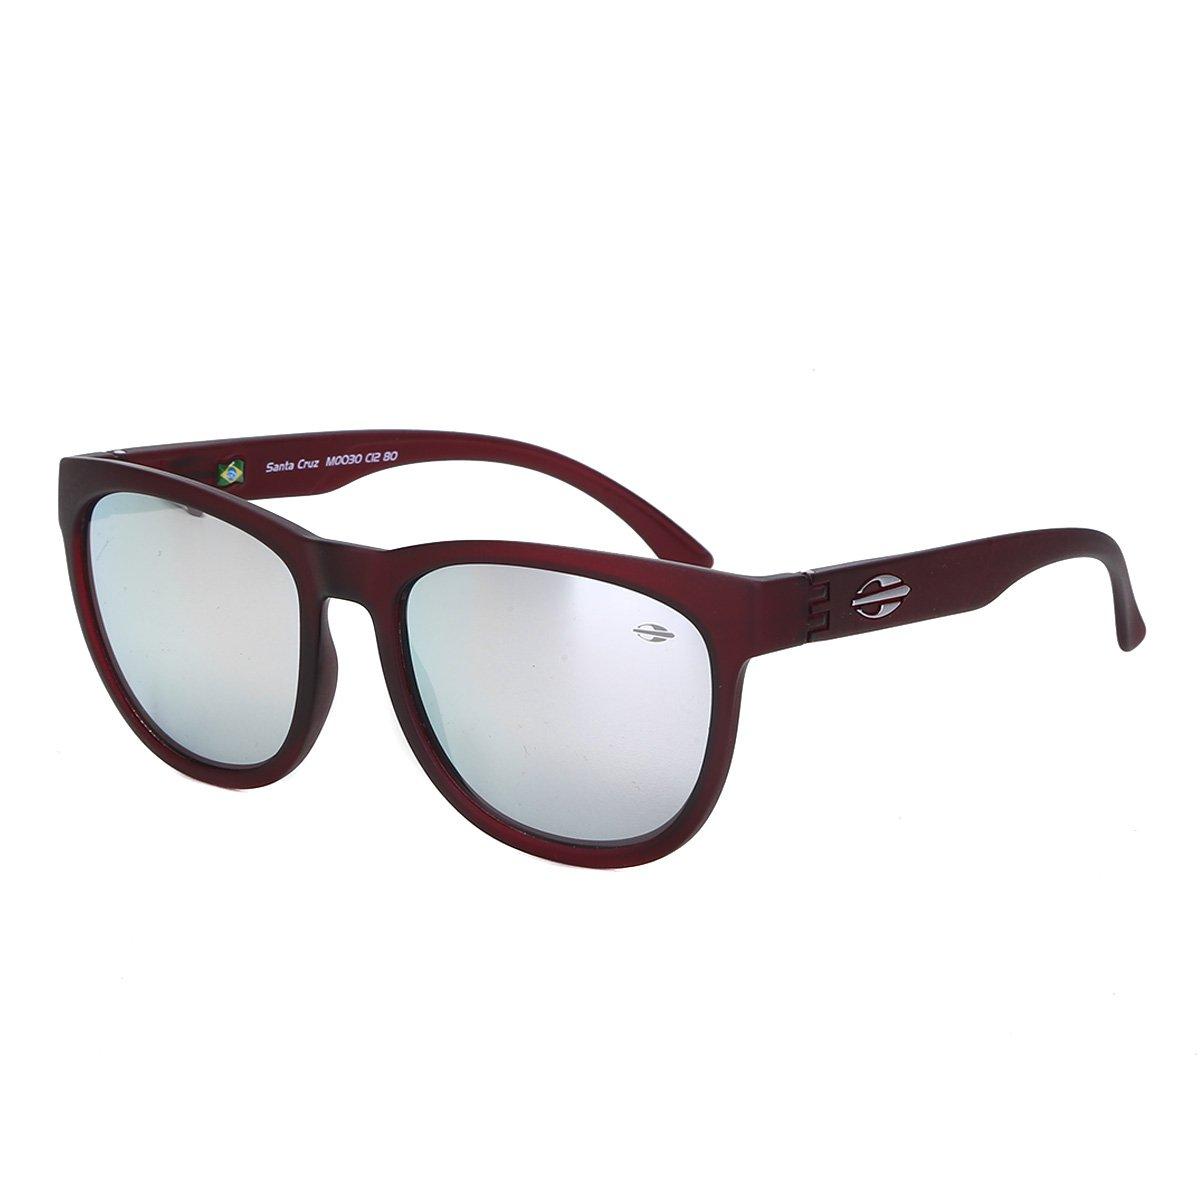 Óculos de Sol Mormaii Santa Cruz M0030C1280 Feminino